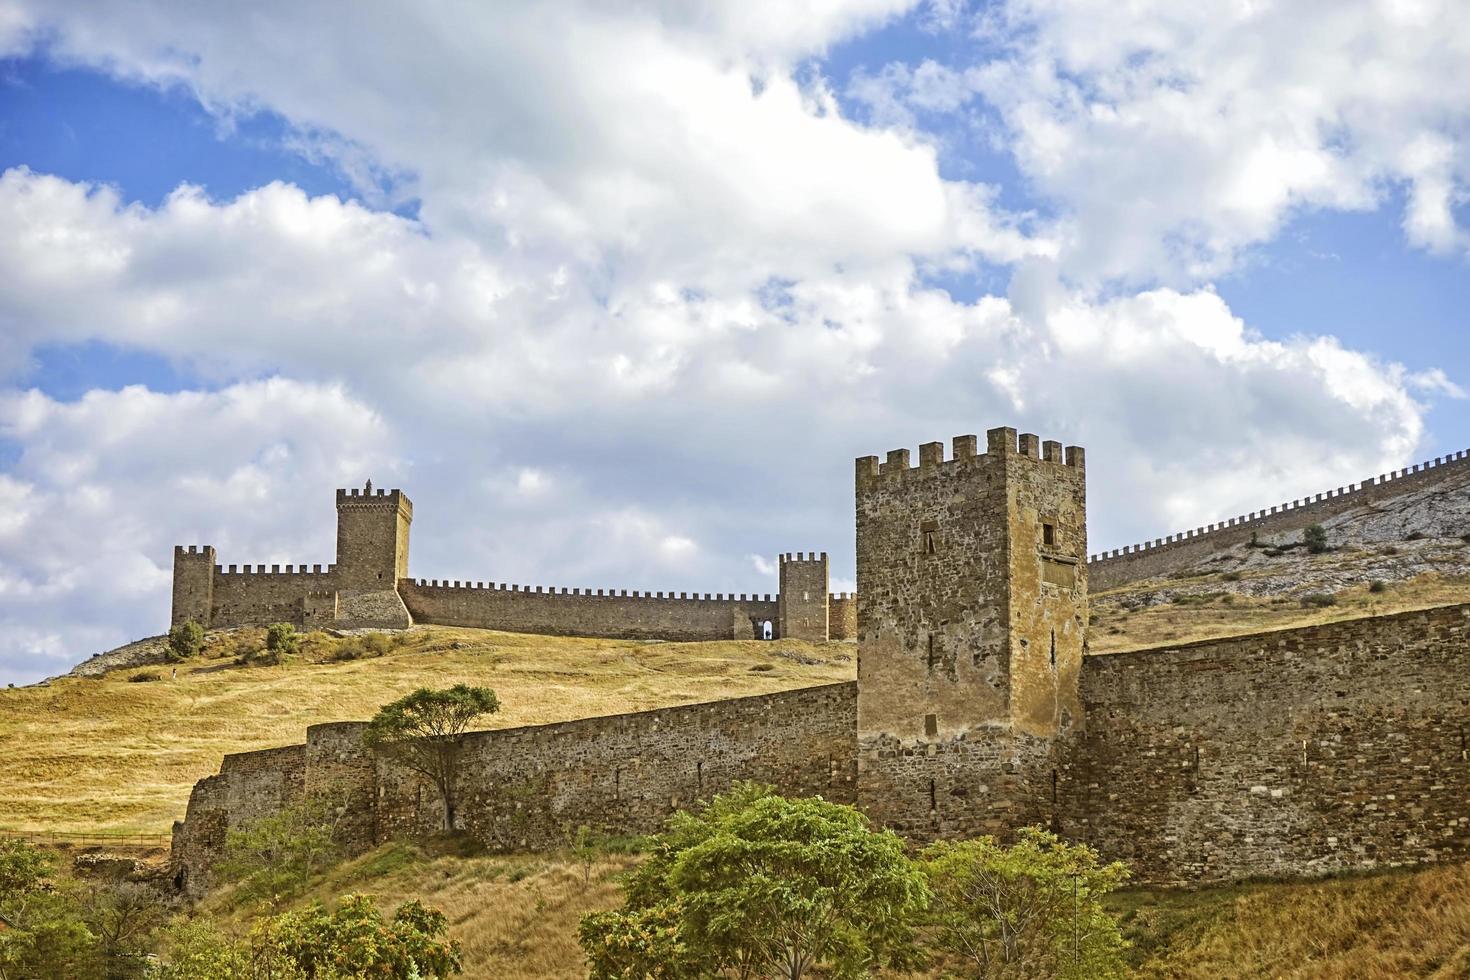 paesaggio che domina la fortezza genovese contro il cielo. foto